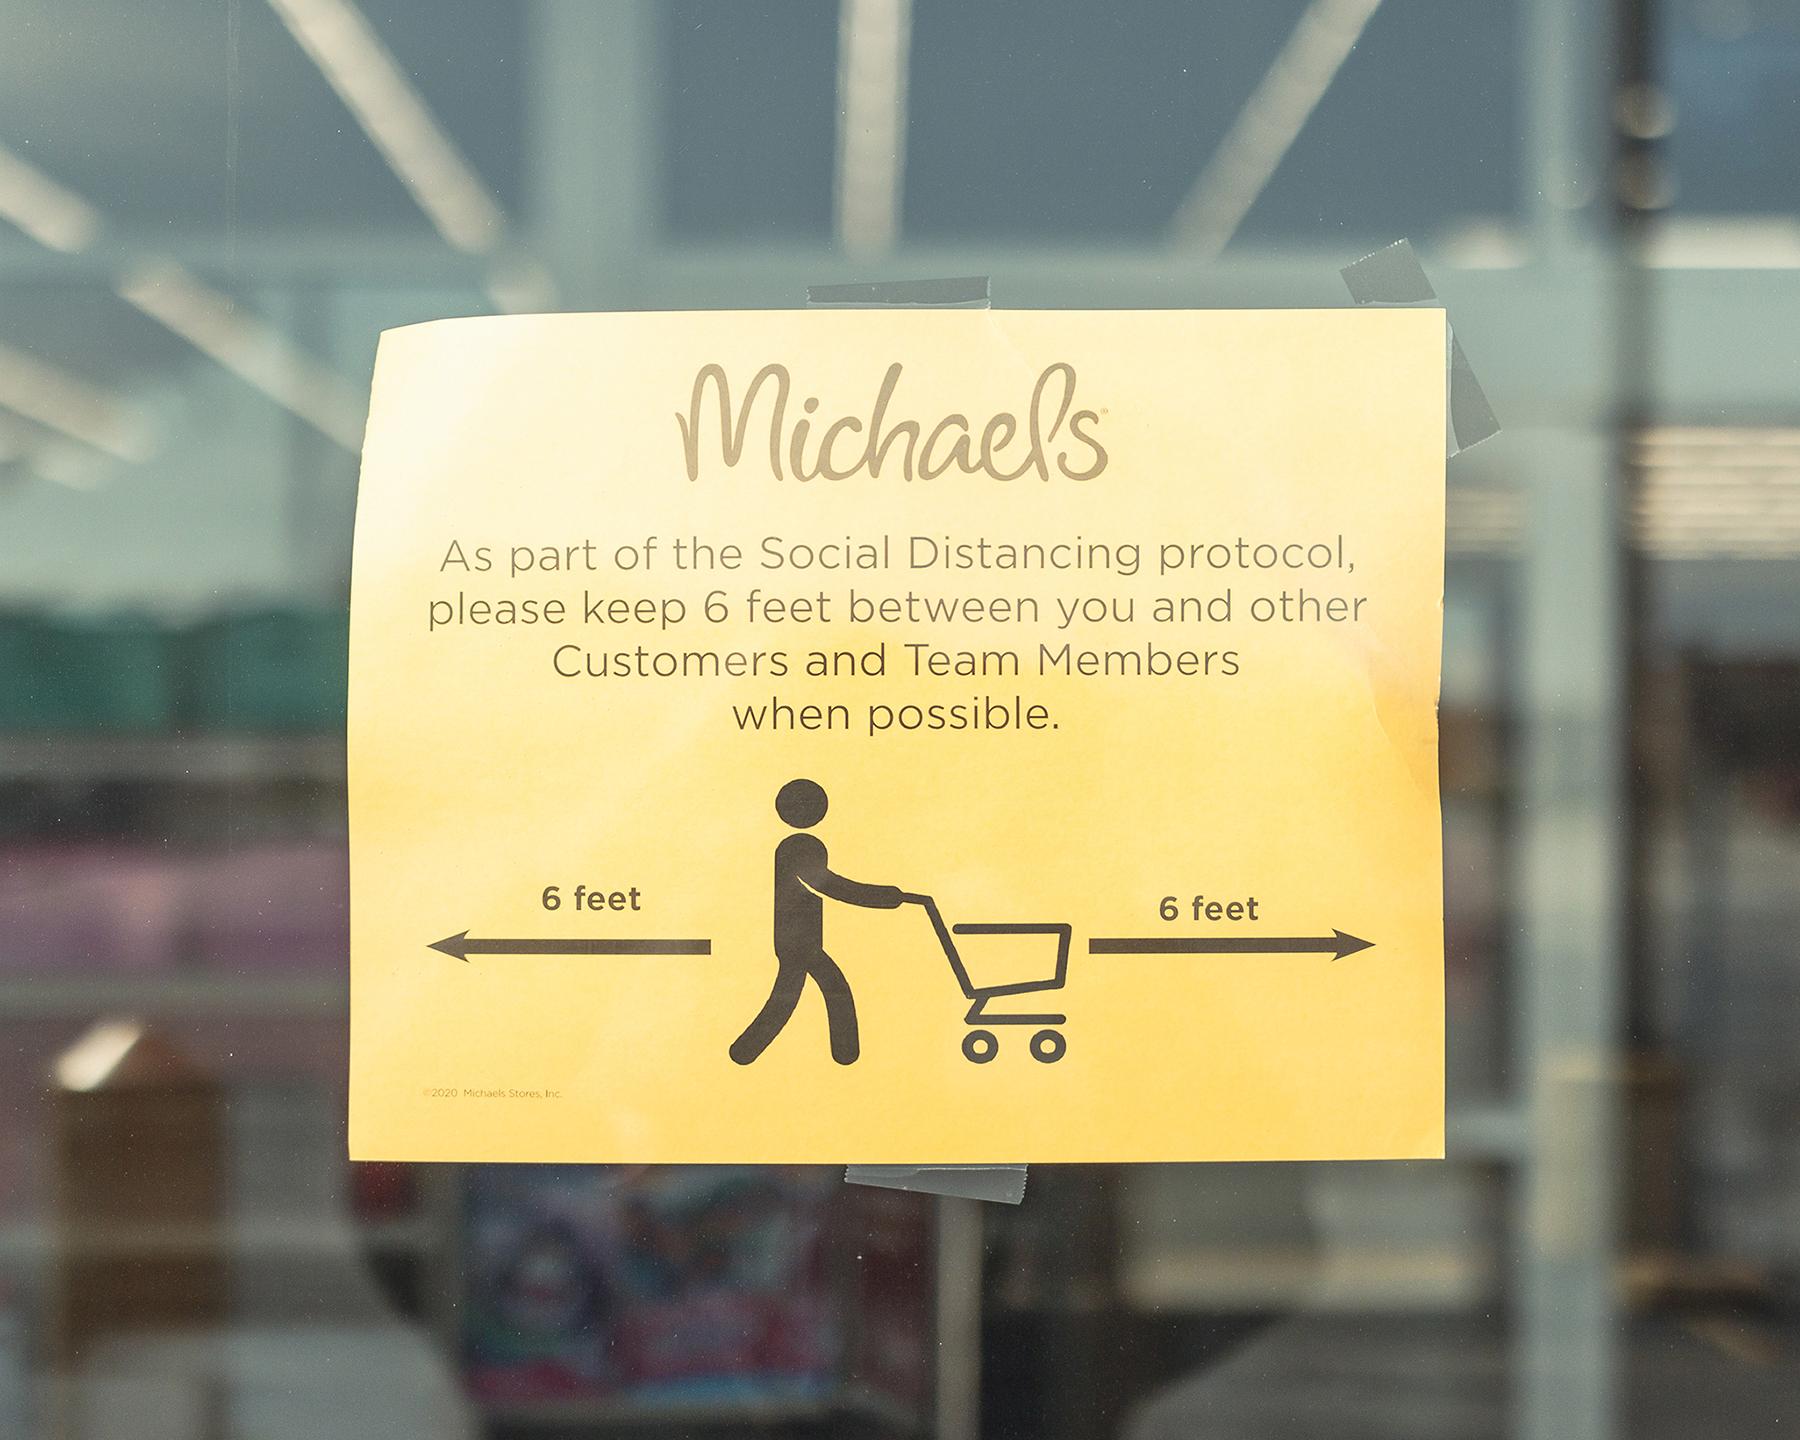 Michael's, Racine, Wisconsin